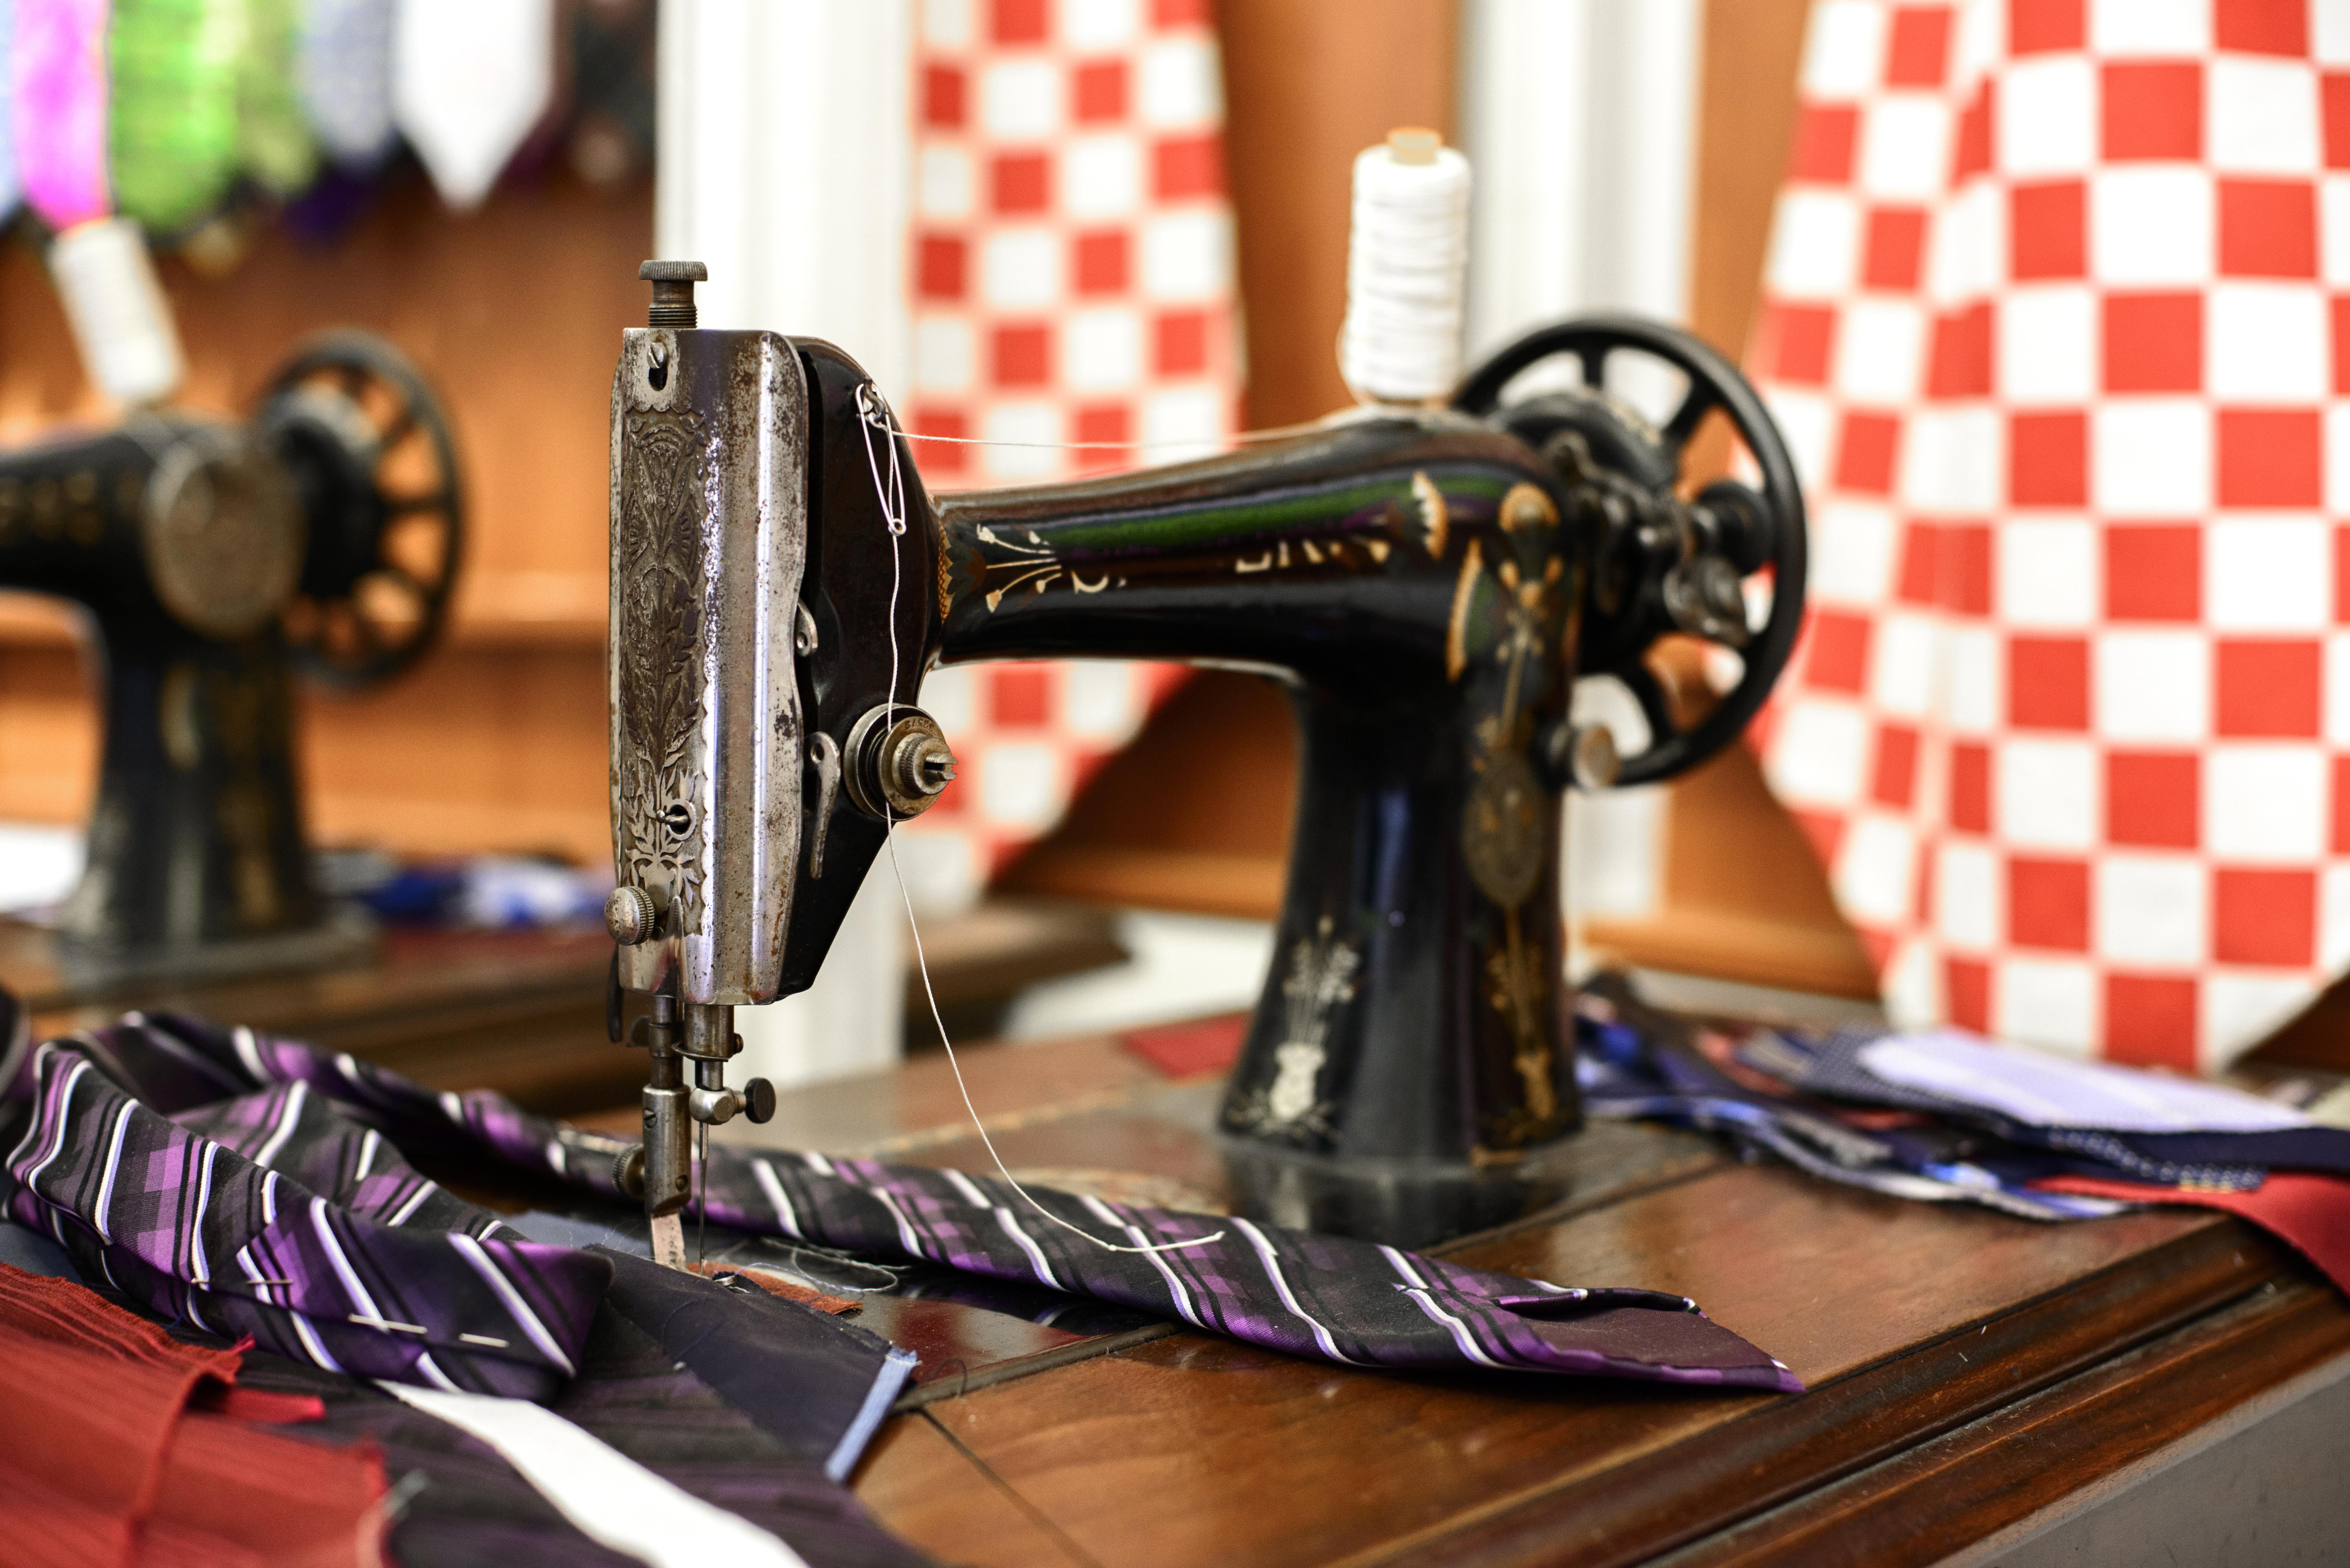 No te sorprendas: una corbata es el mejor recuerdo de Croacia - Croacia Circuito Gran Tour de Croacia e Istria